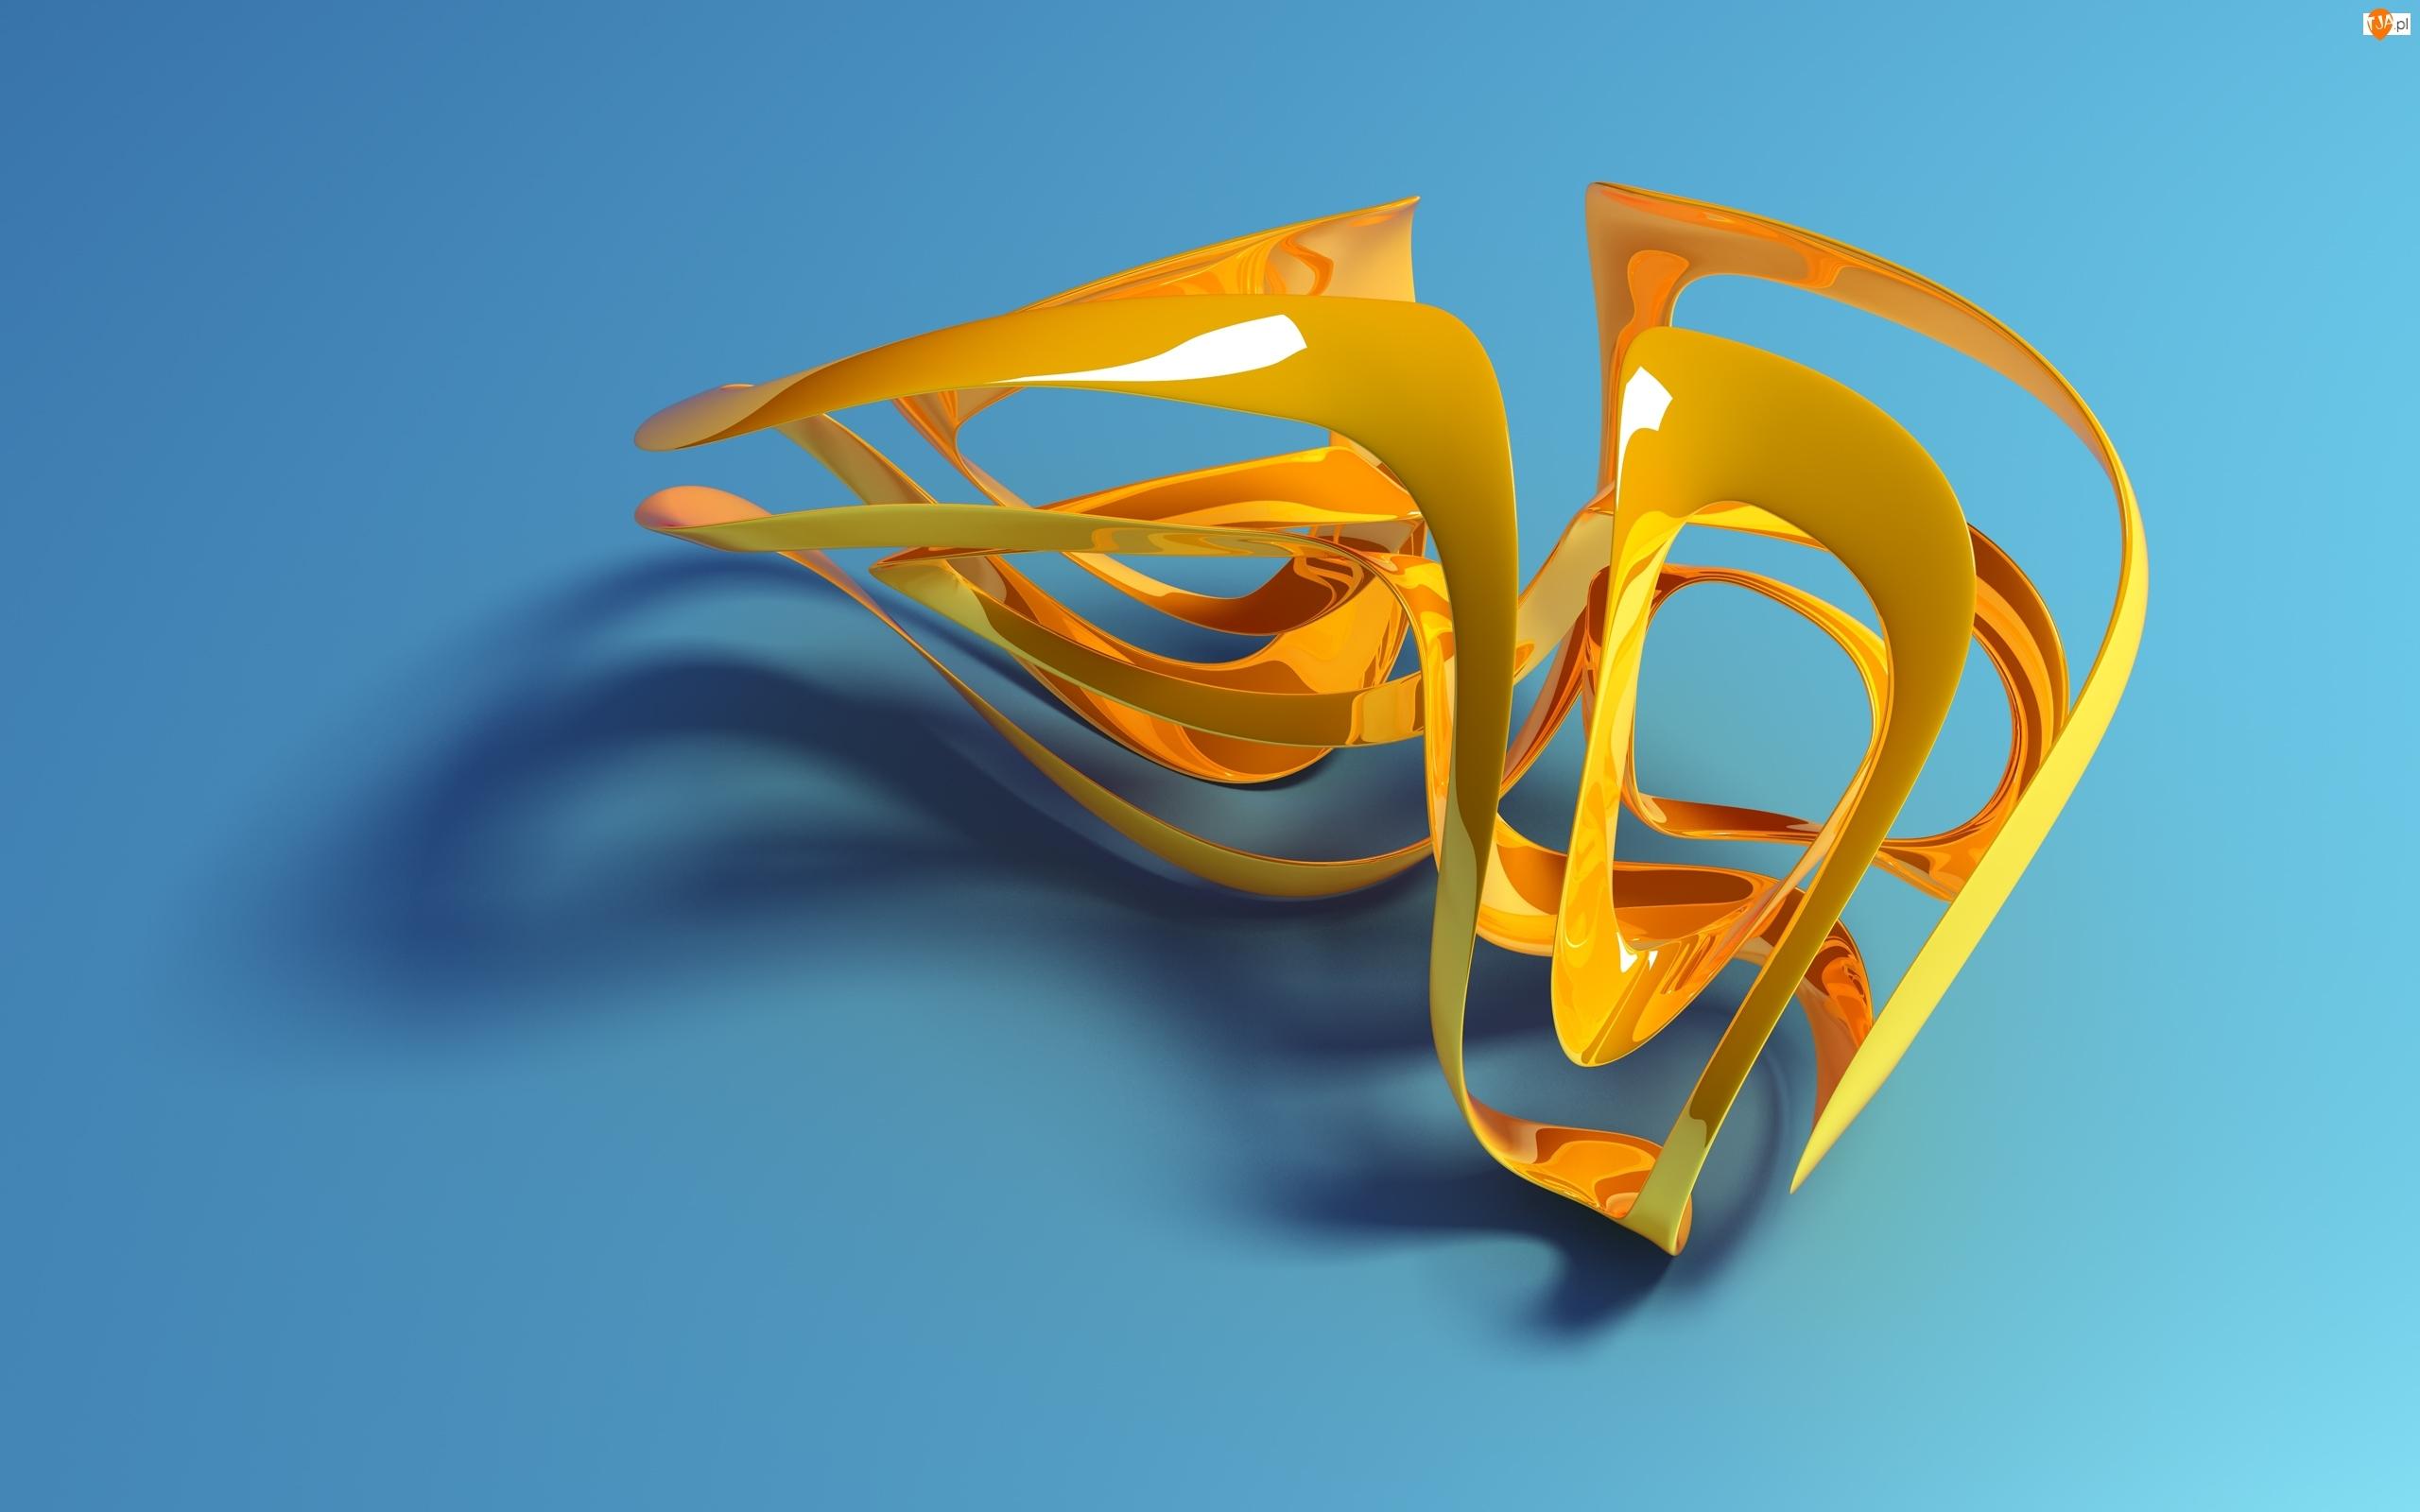 Obiekt, Grafika 3D, Żółty